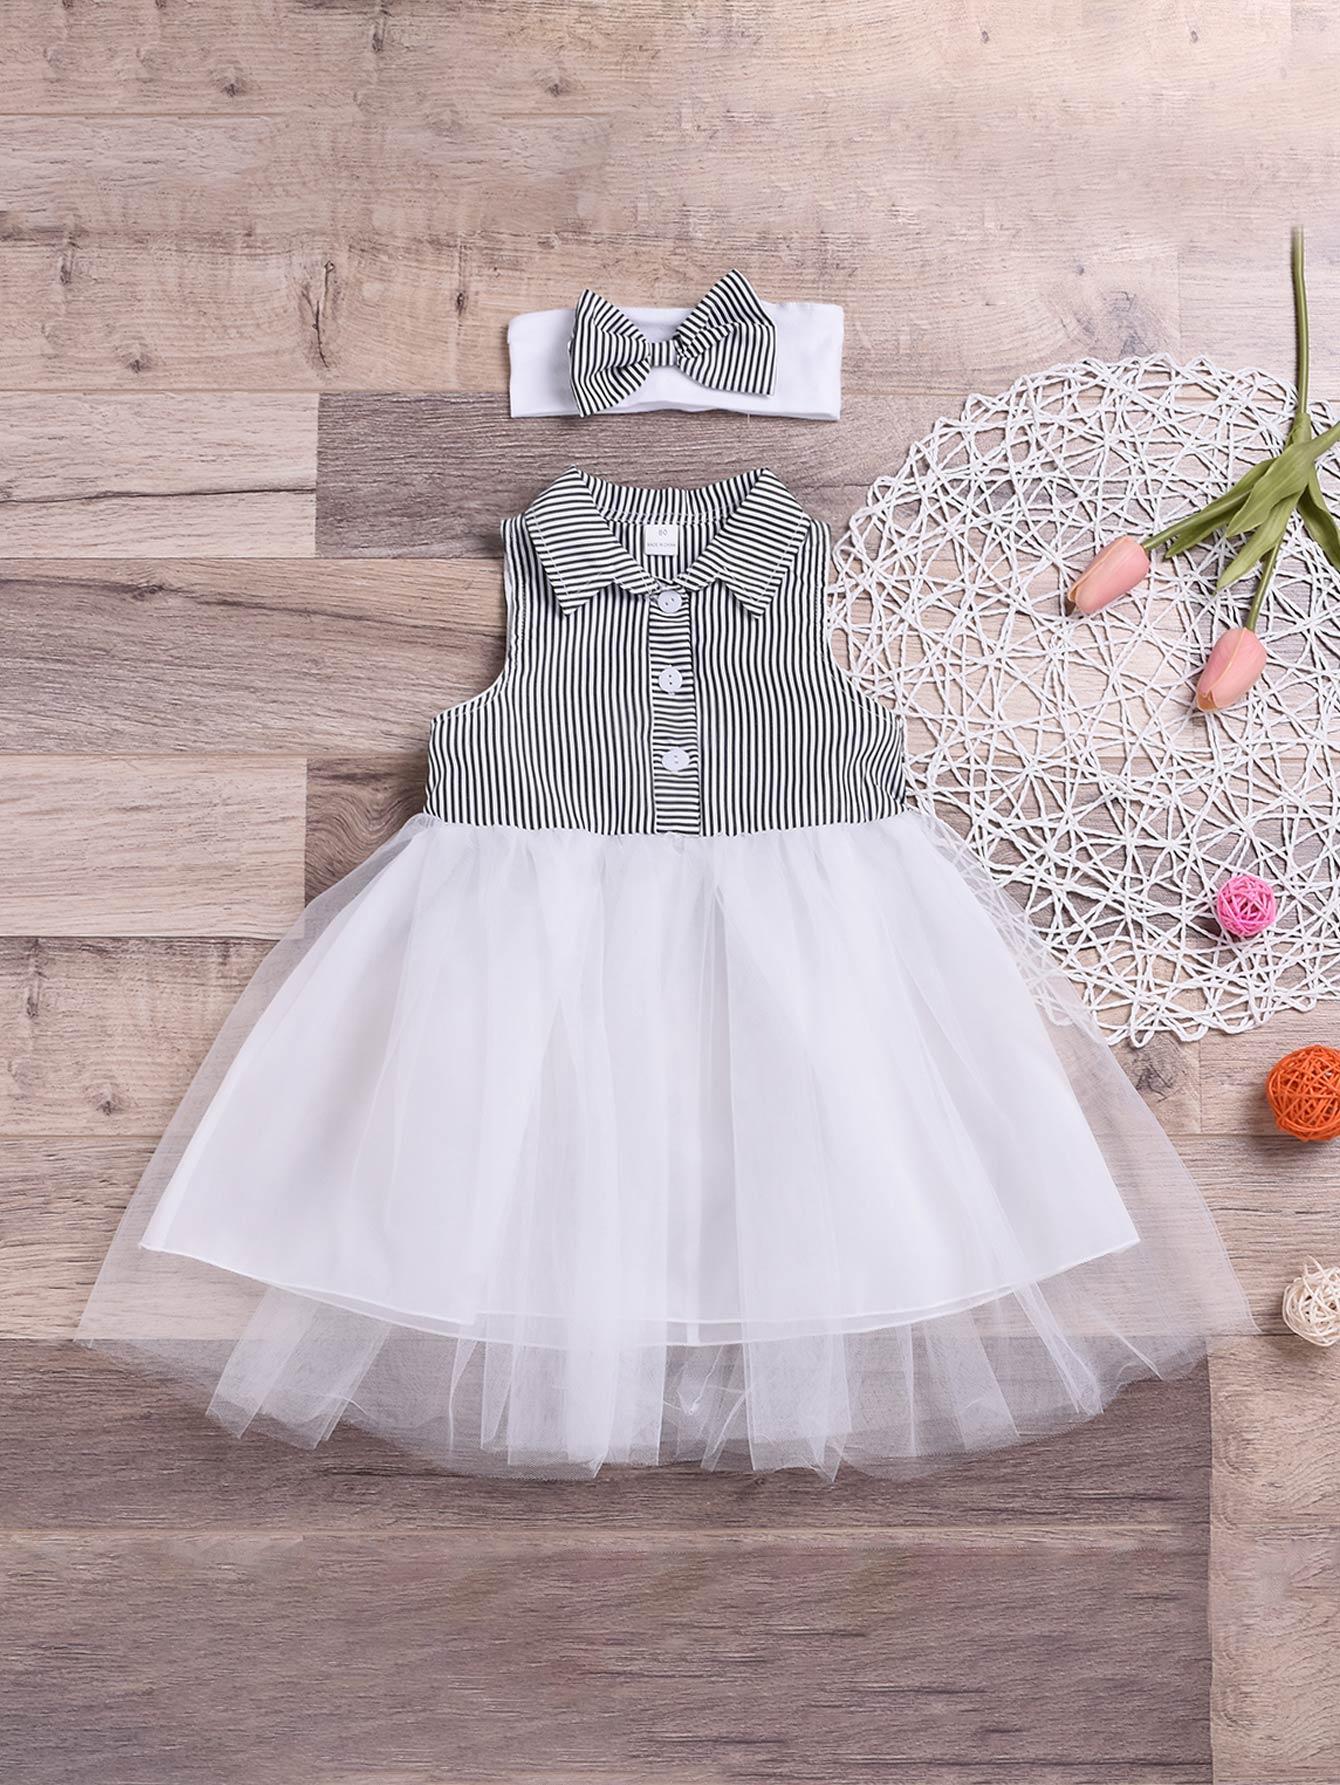 Фото - Полосатое платье онлайн с контрастной сетчатой вставкой и повязка на голову для маленьких девочек от SheIn цвет чёрнобелые